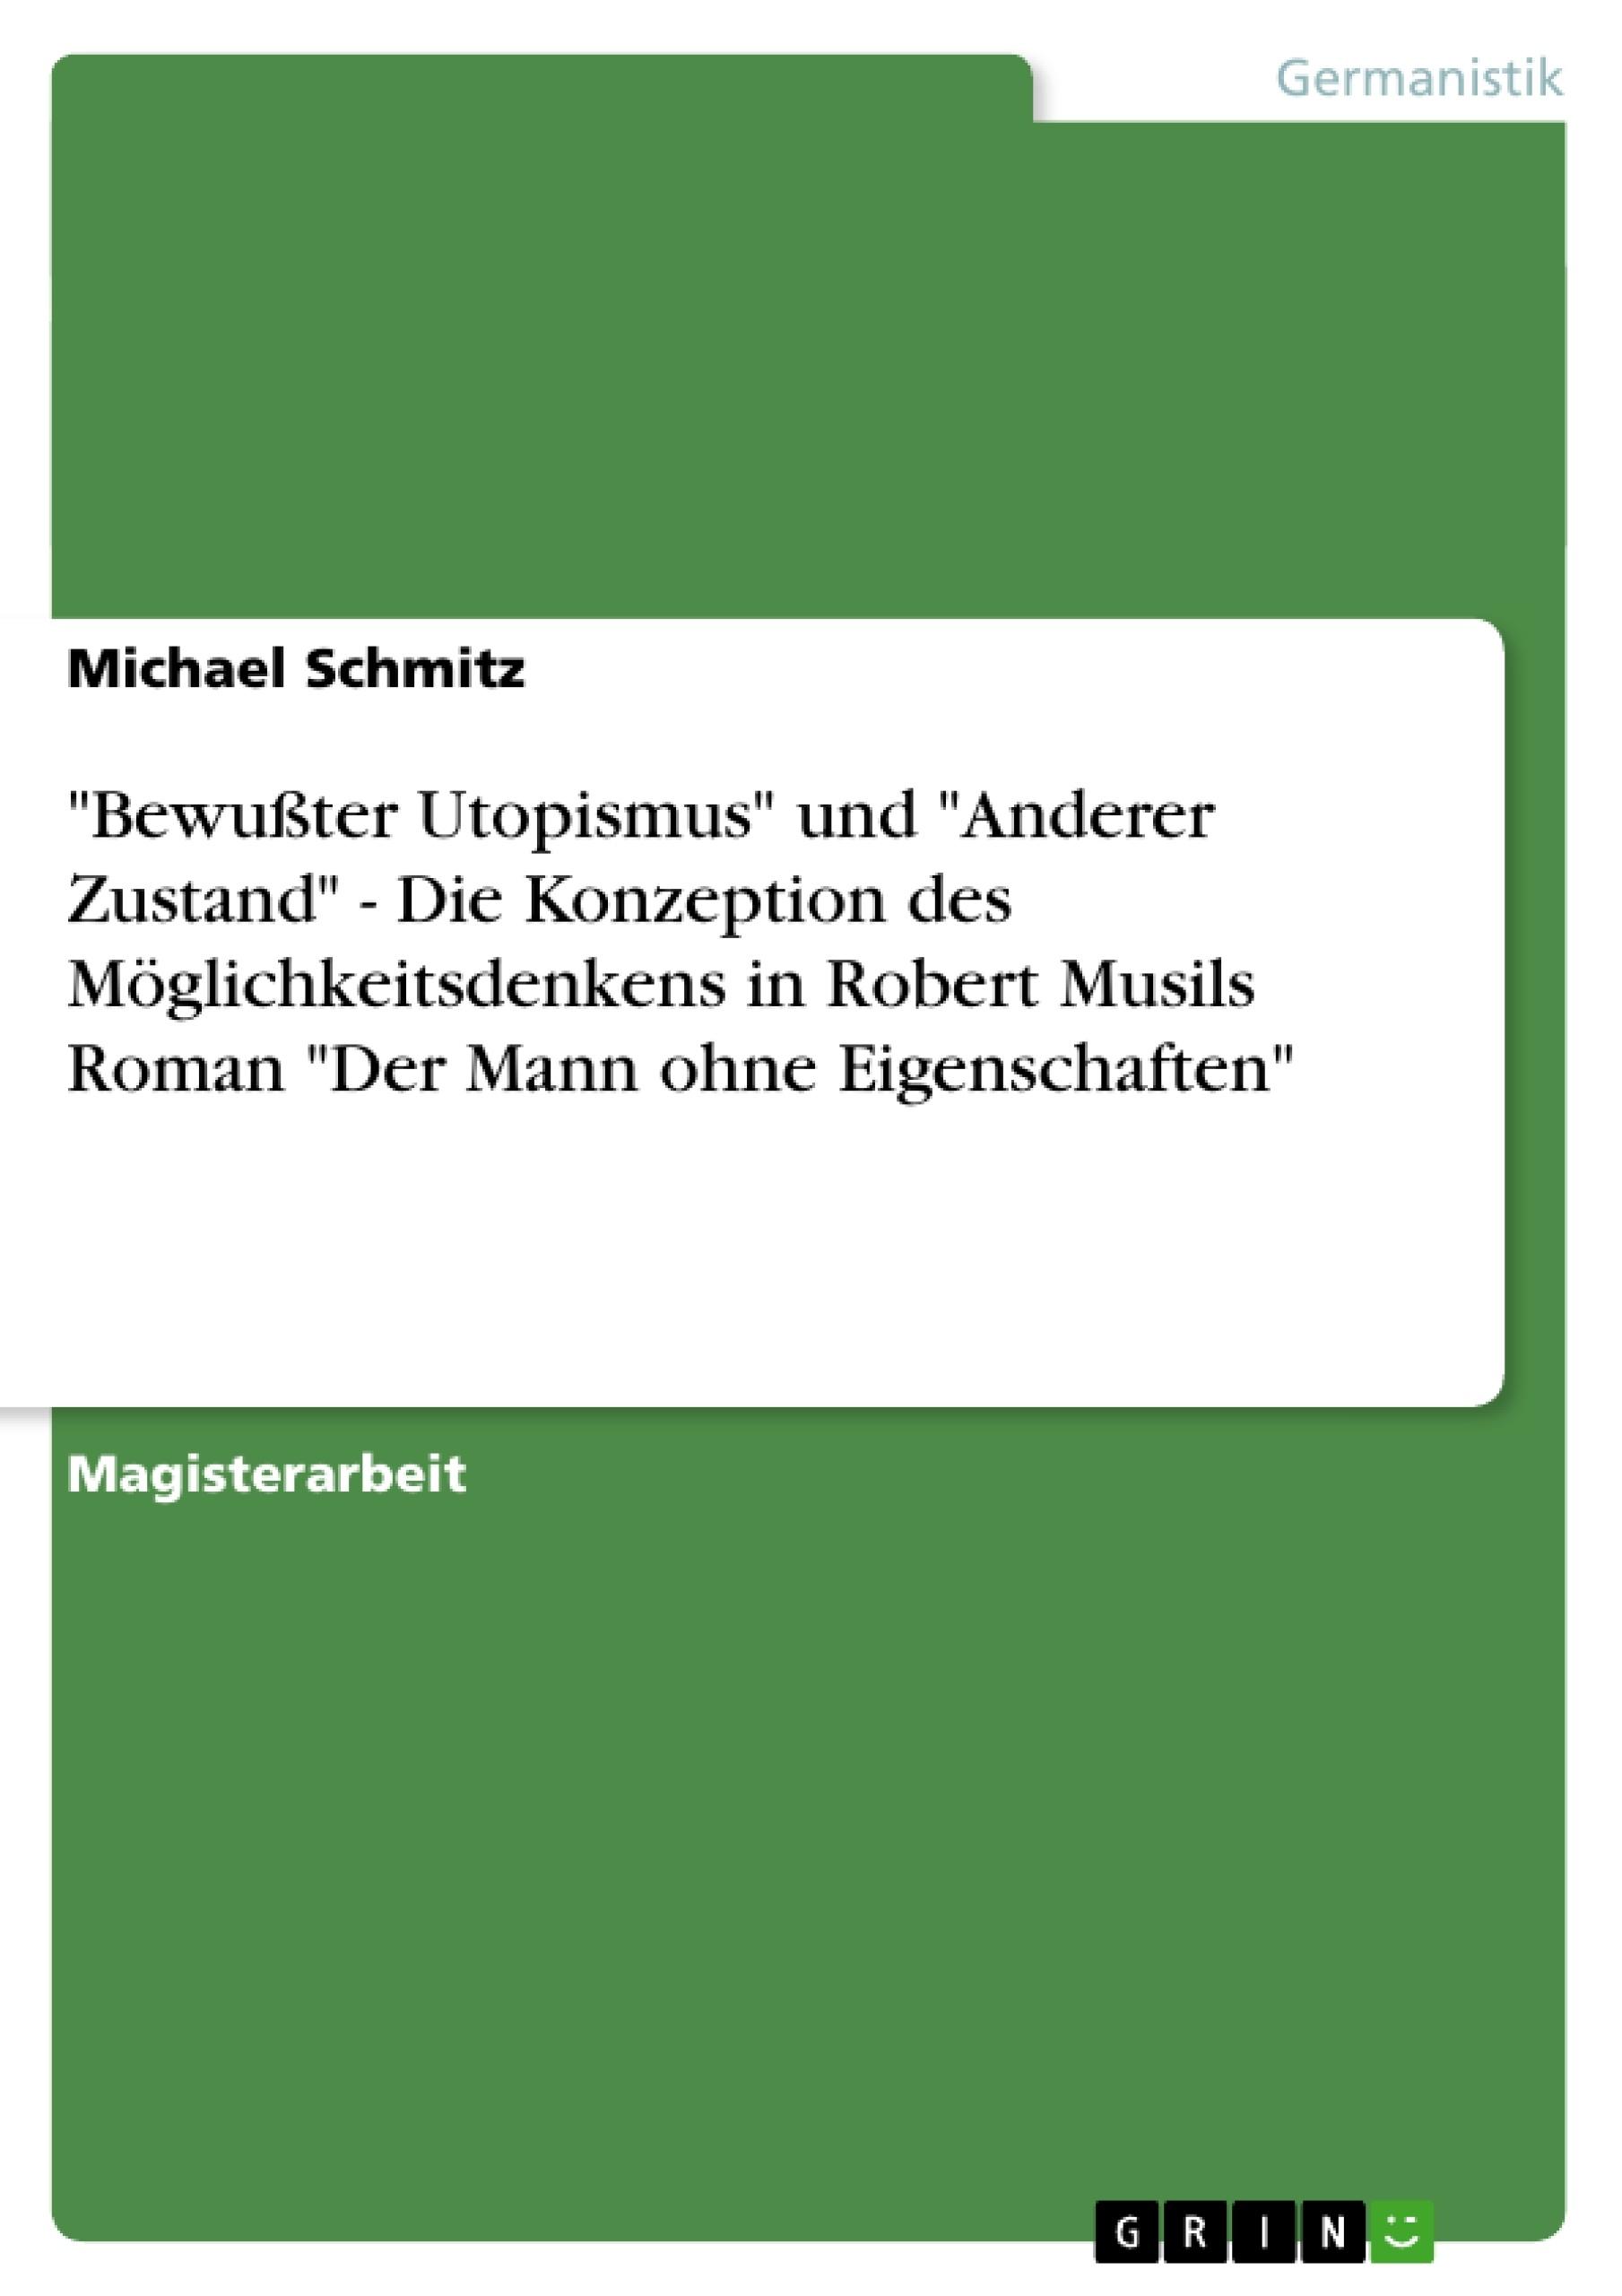 """Titel: """"Bewußter Utopismus"""" und """"Anderer Zustand"""" - Die Konzeption des Möglichkeitsdenkens in Robert Musils Roman """"Der Mann ohne Eigenschaften"""""""